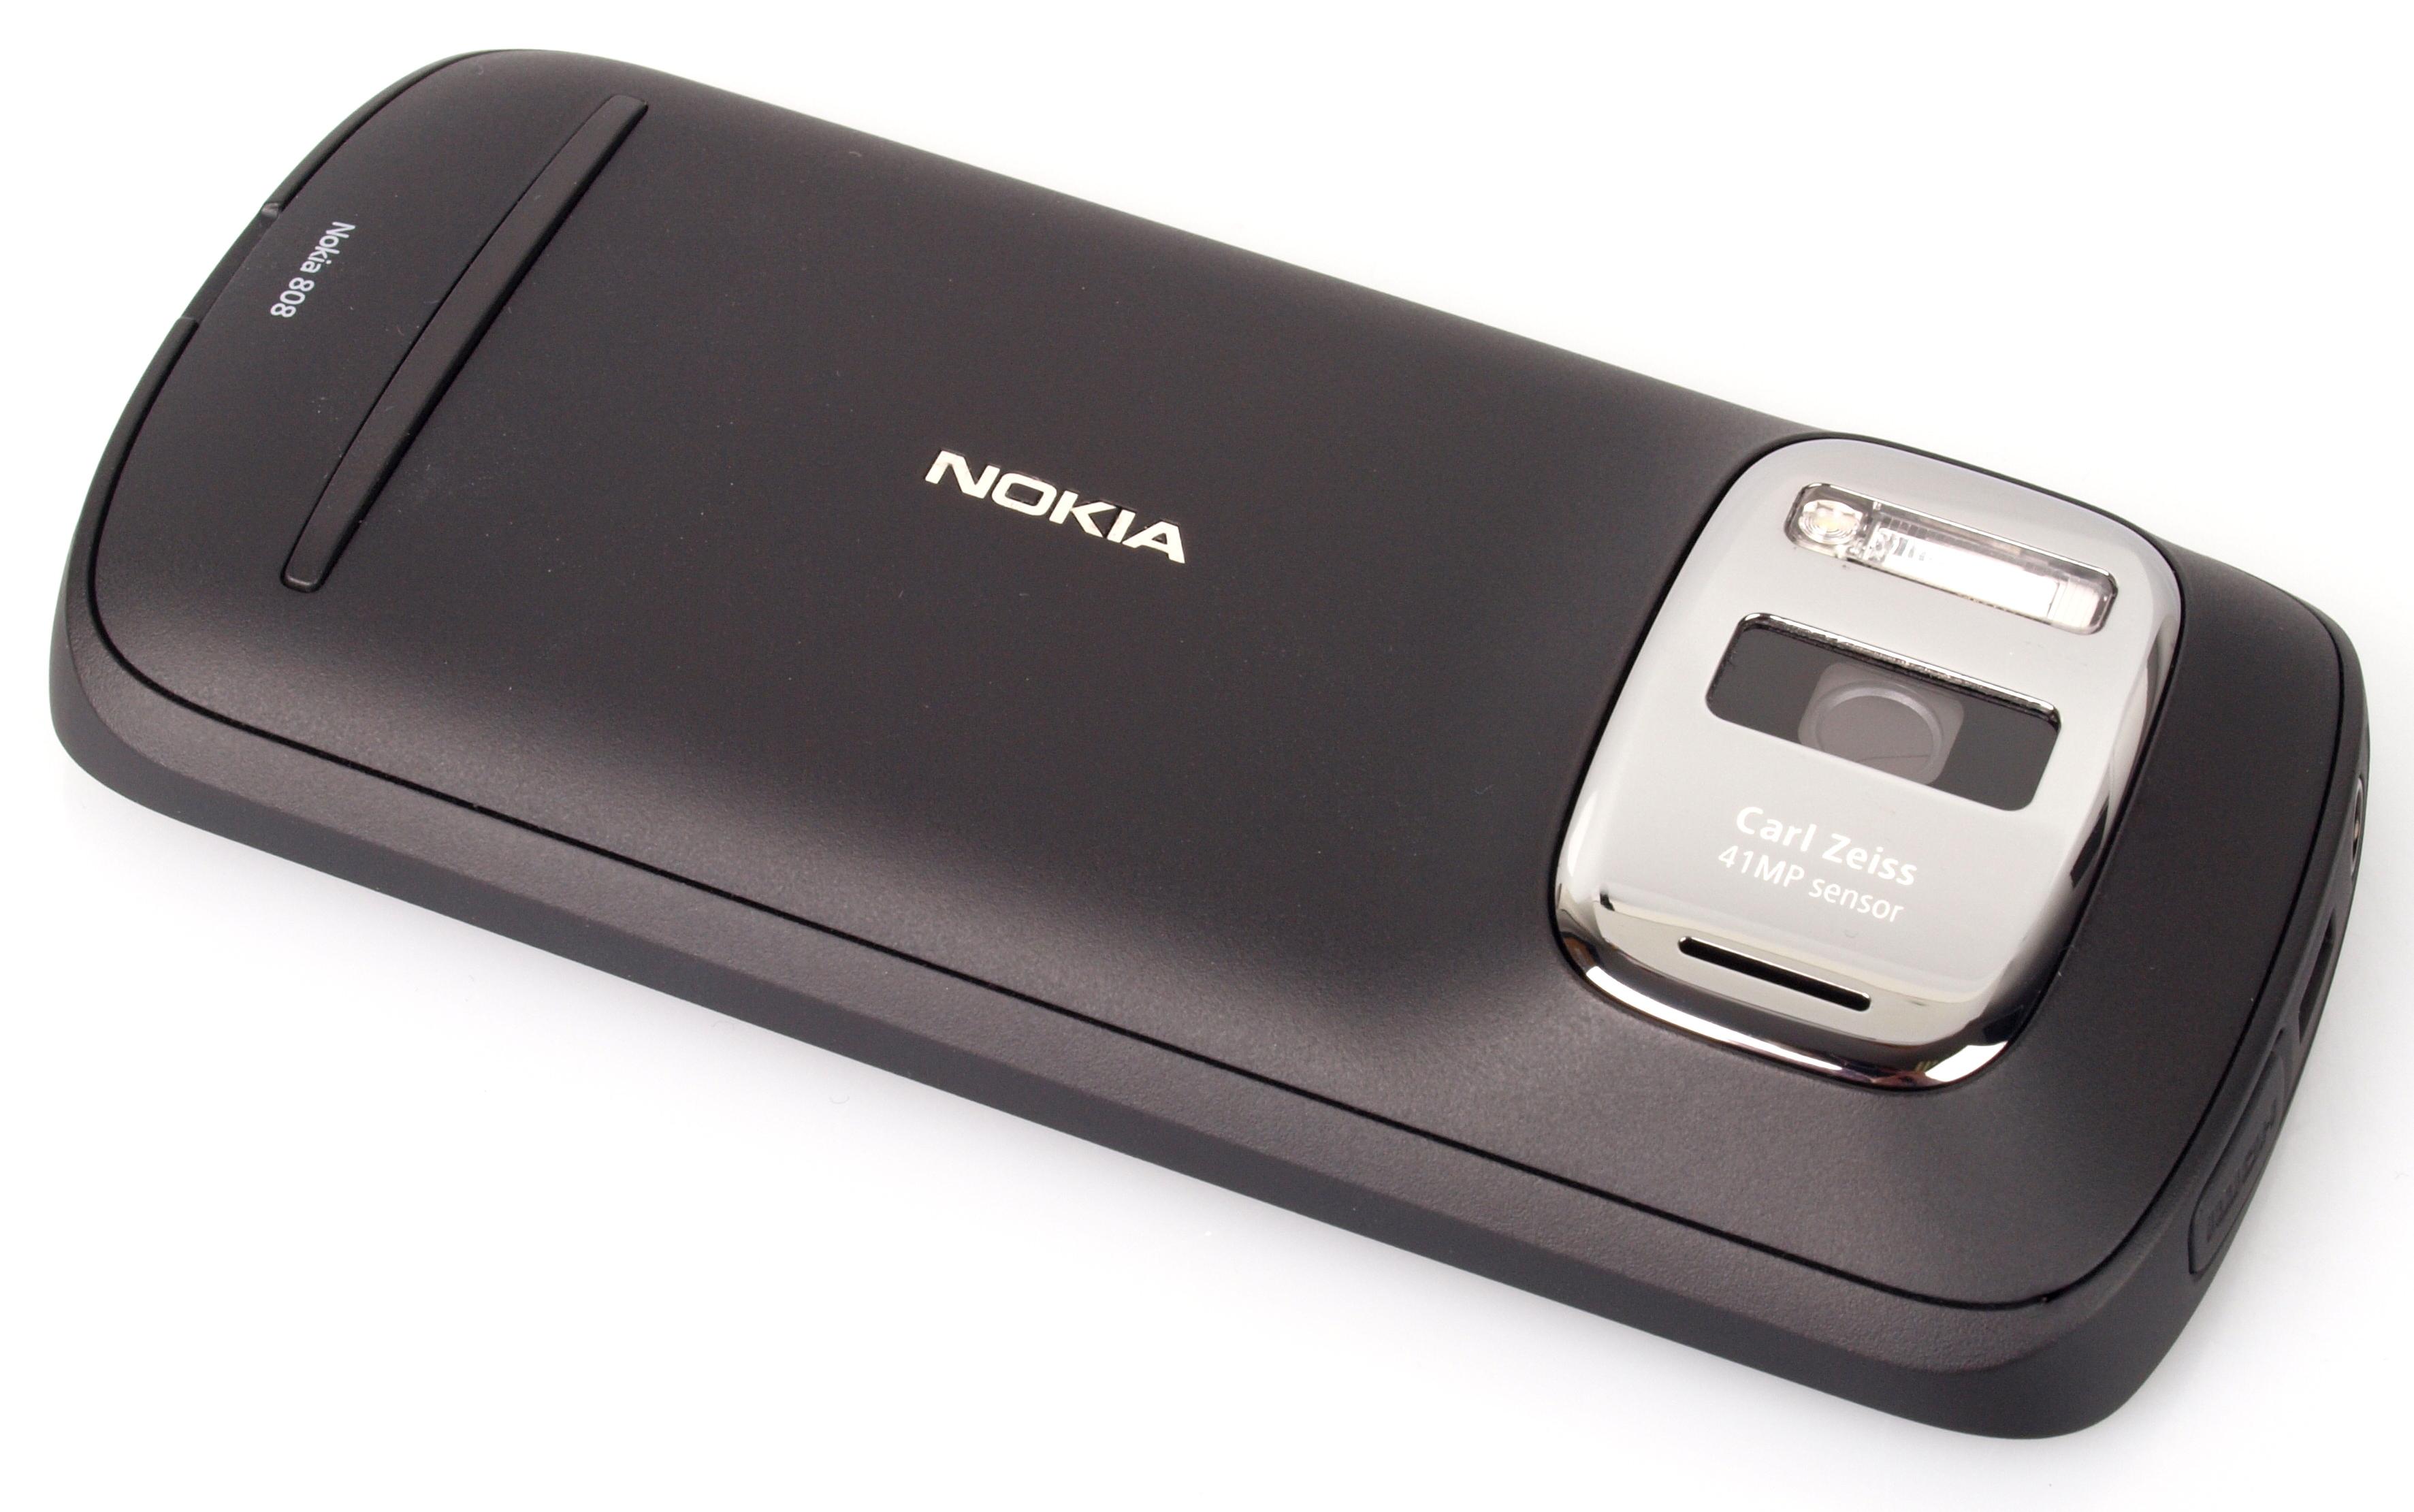 Nokia PureView 808 Camera Phone Review